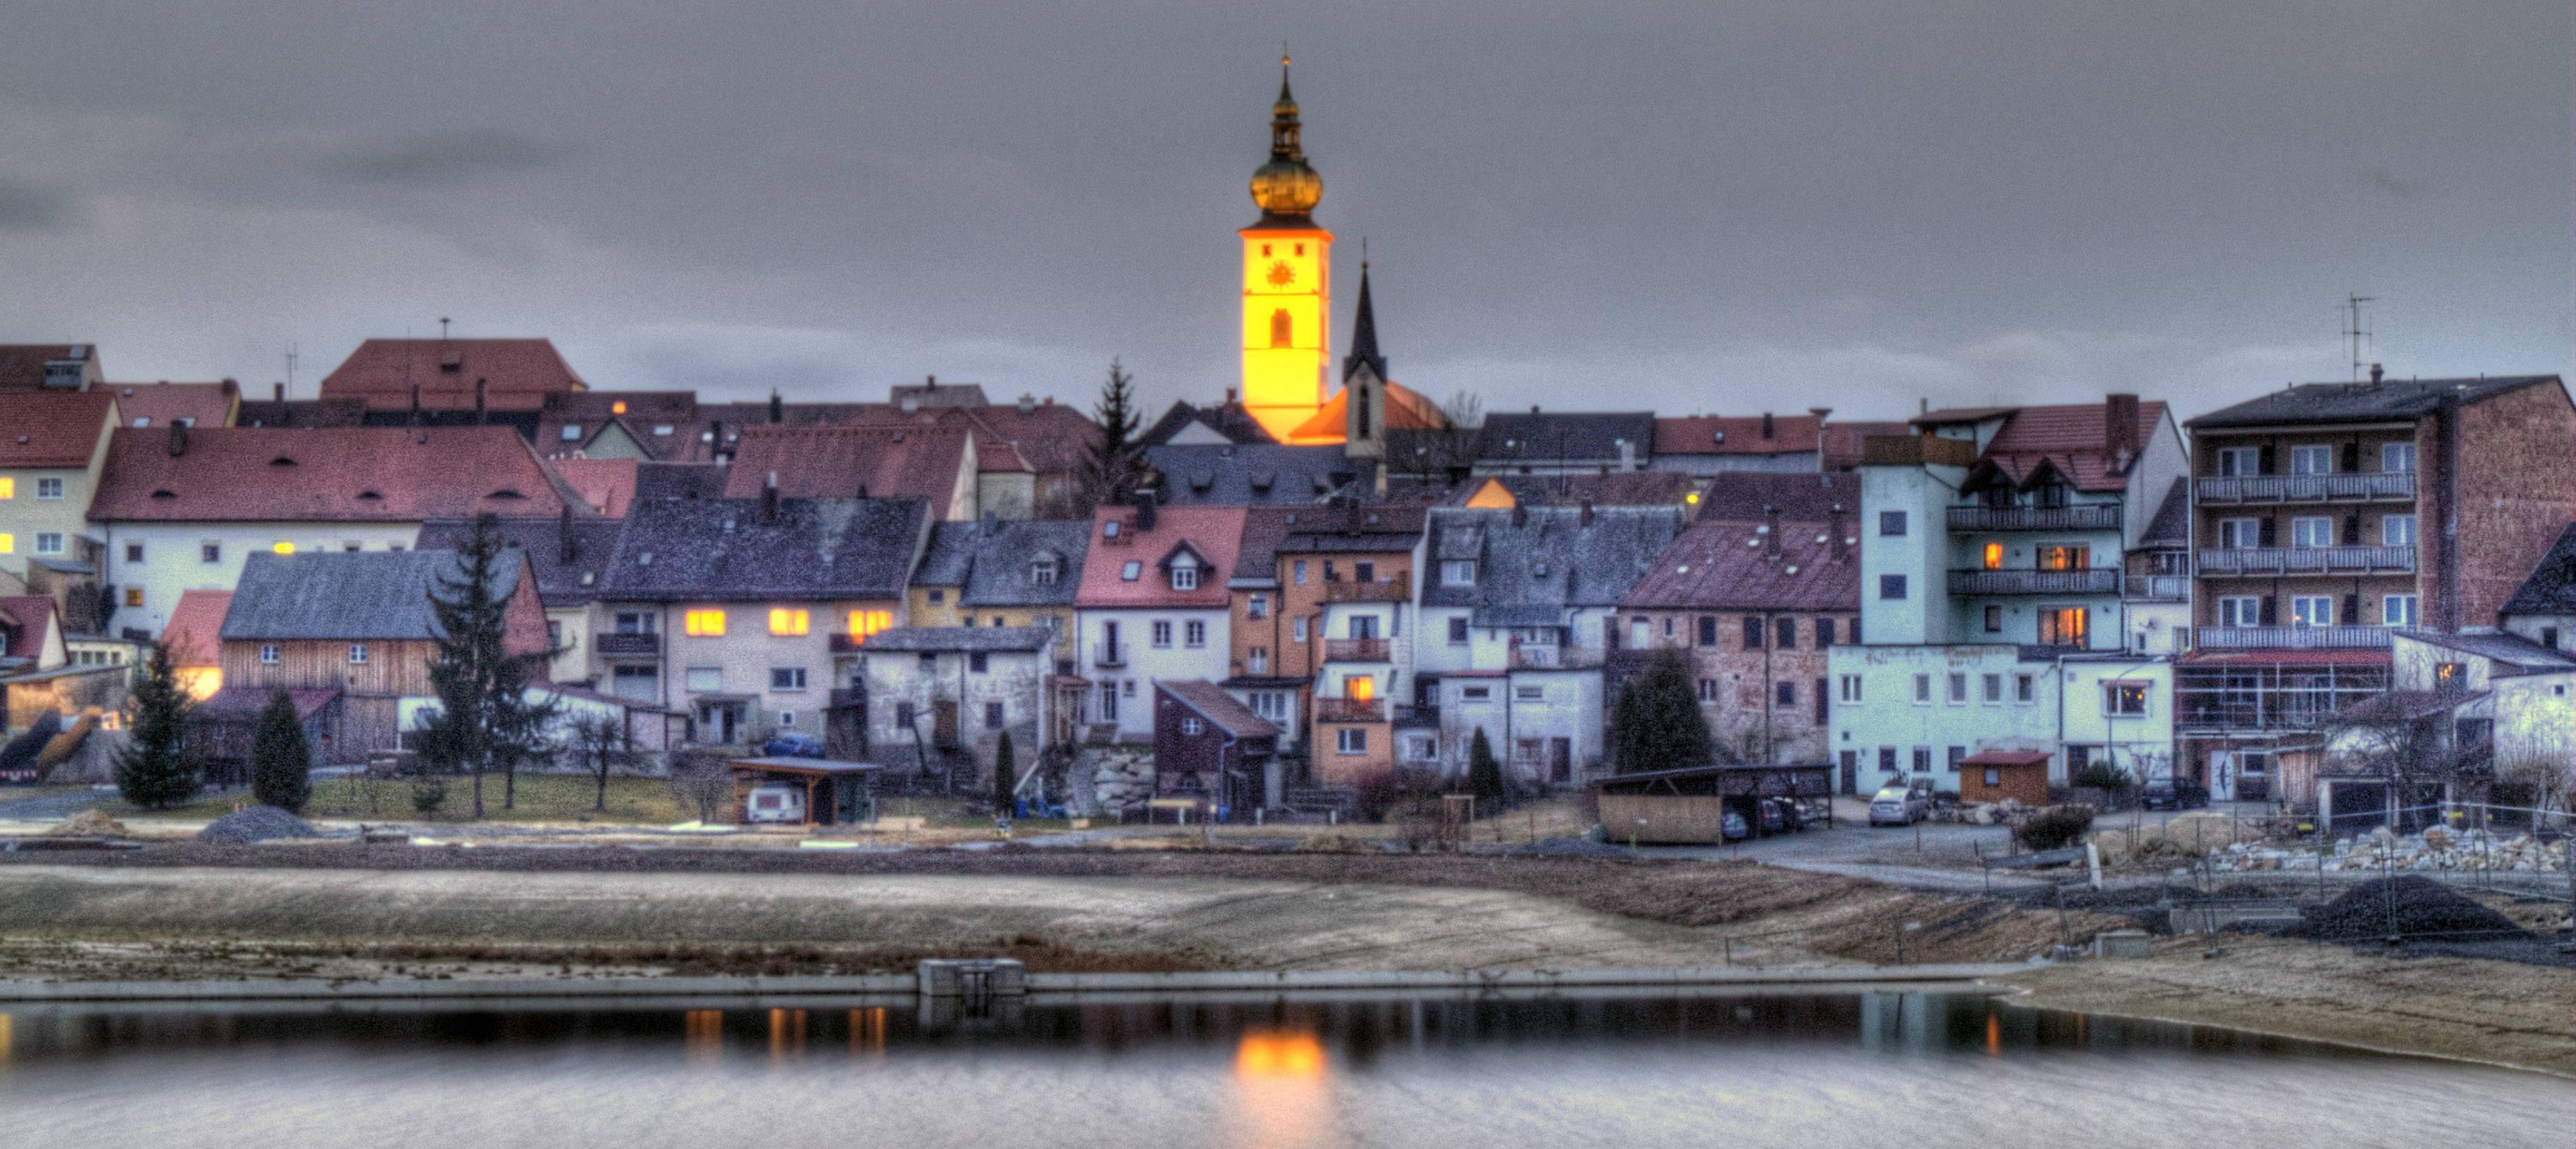 P3181920 In Deutschland gehen die Lichter aus • Quelle: qpress.de